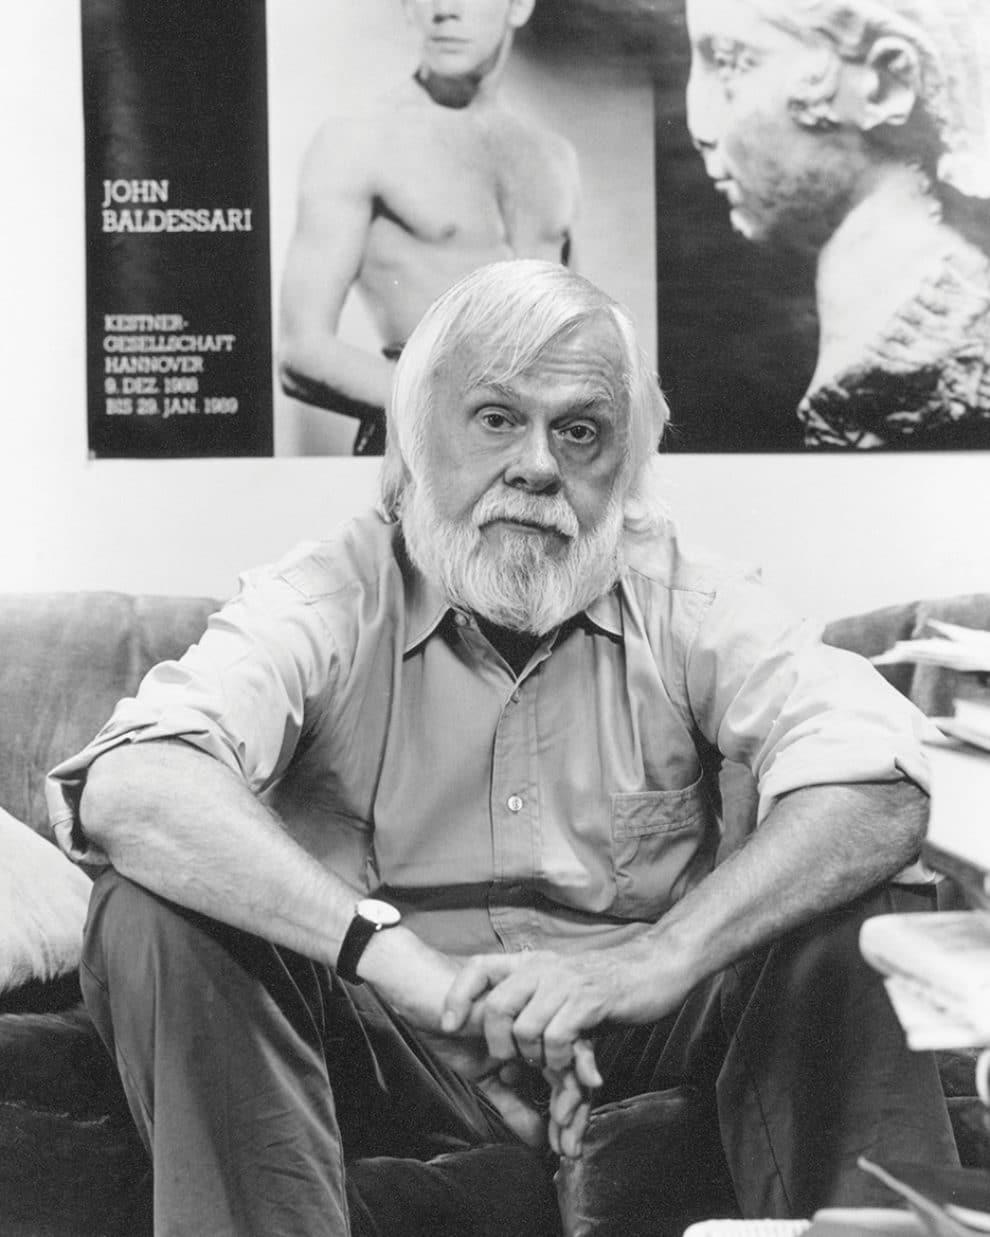 John Baldessari in his studio in the '90s.